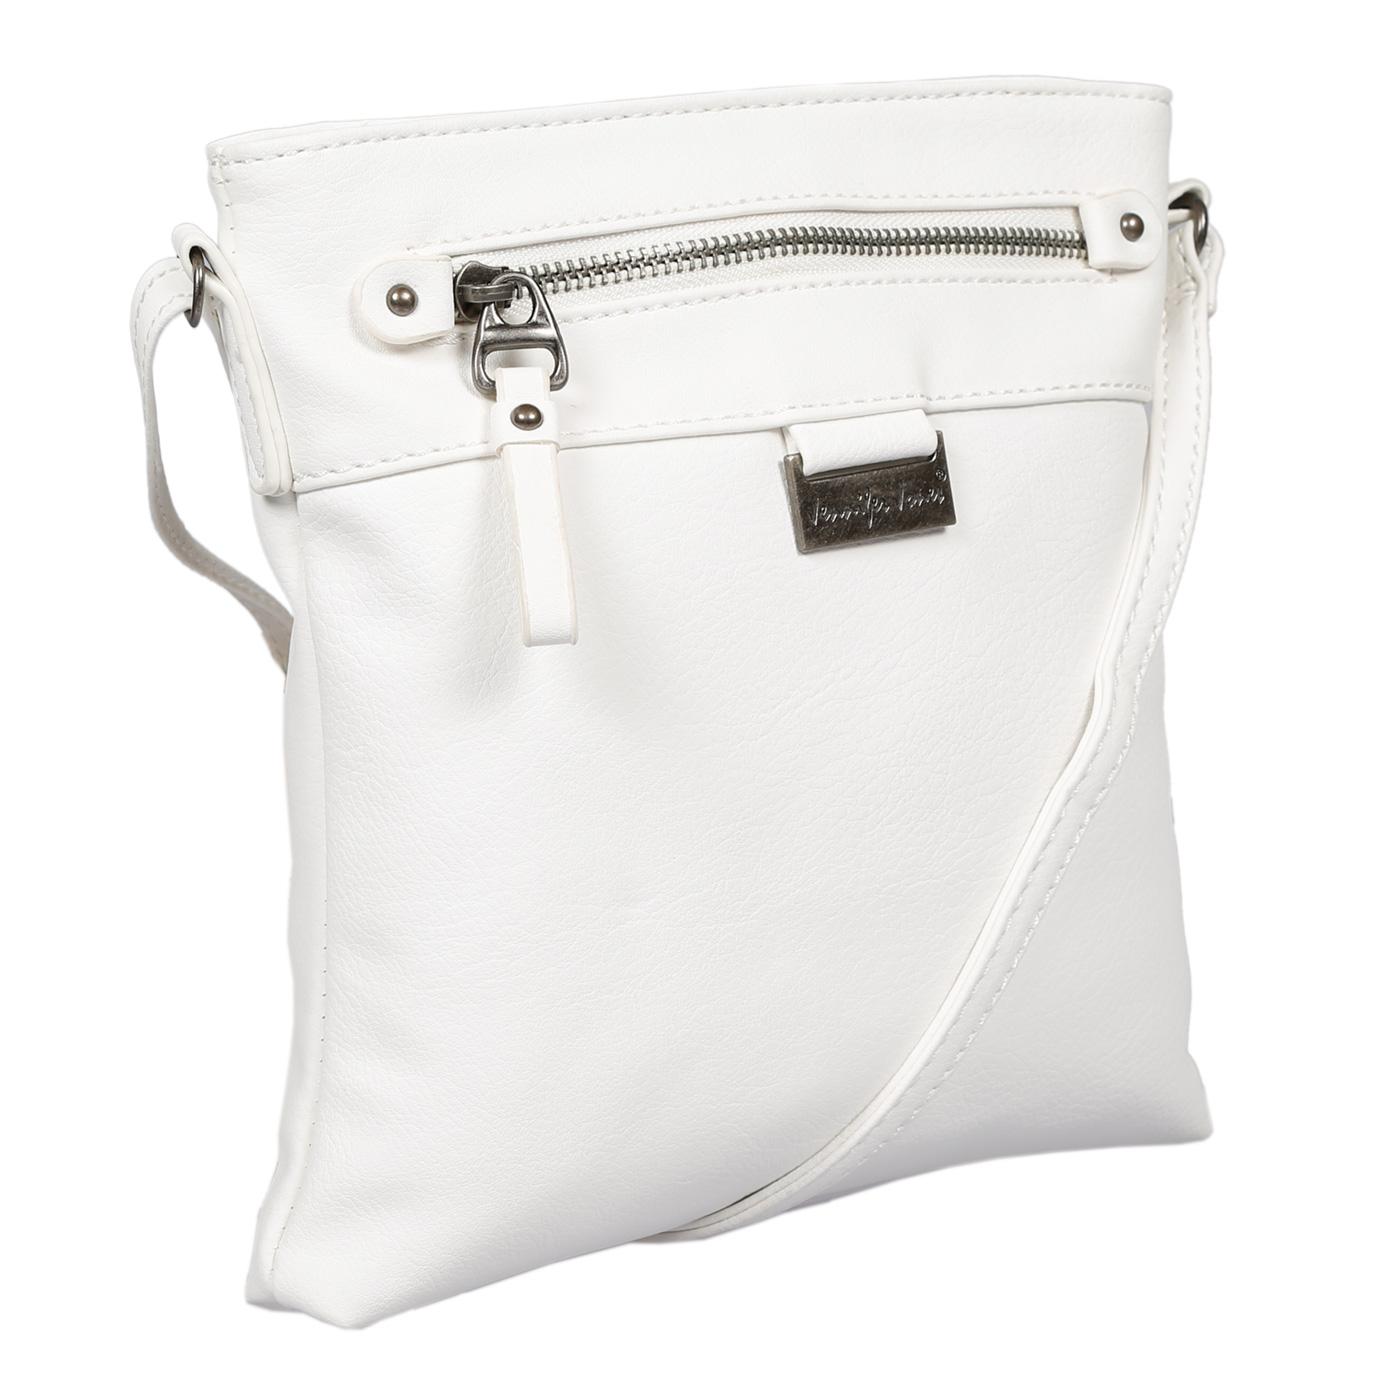 Damen-Handtasche-Umhaengetasche-Schultertasche-Tasche-Leder-Optik-Schwarz-Weiss Indexbild 52